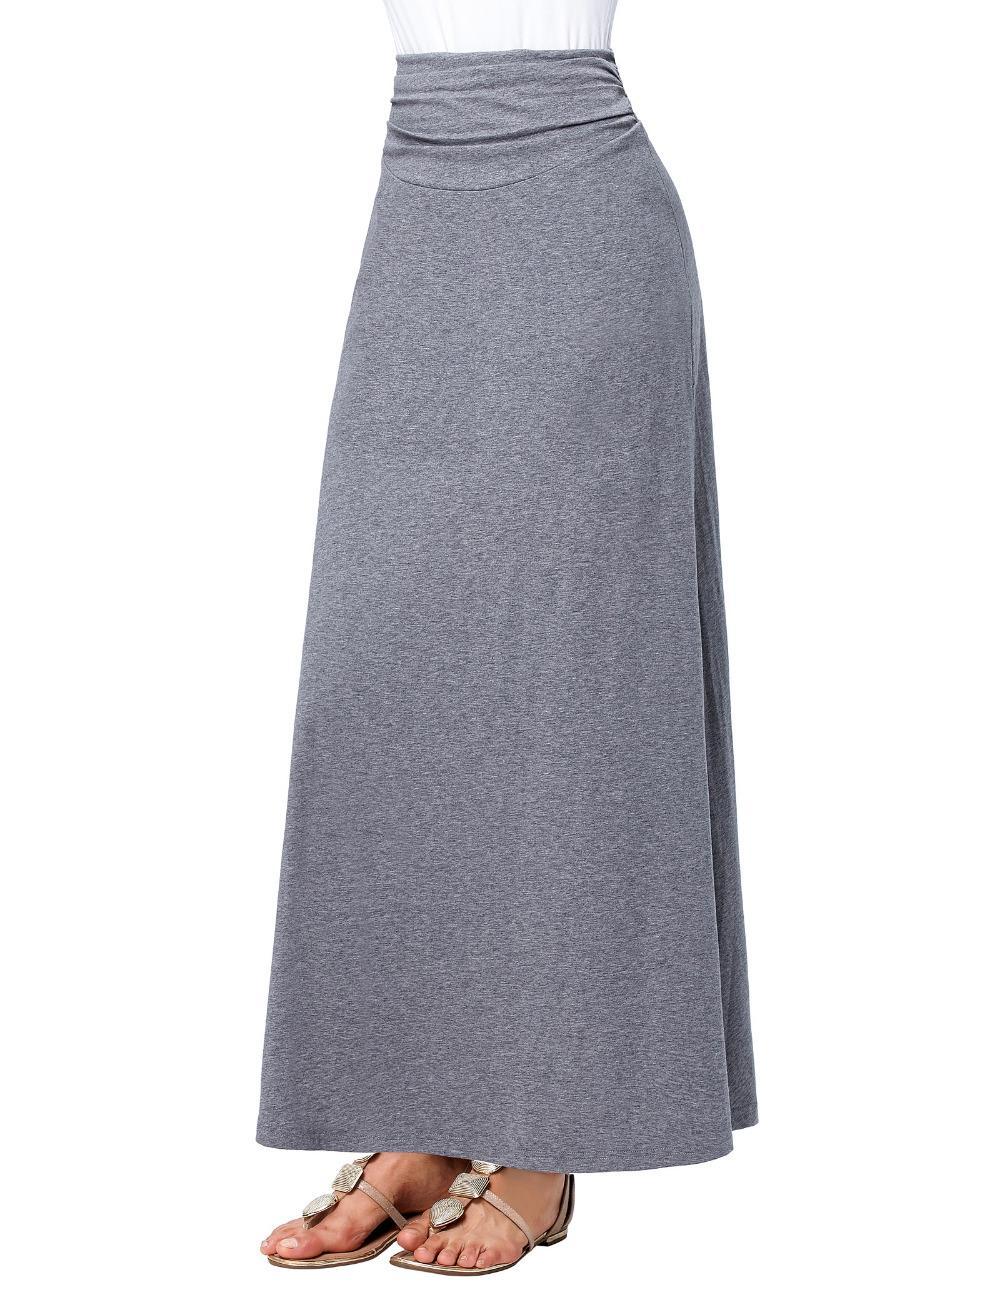 dca9c19f5 Compre Cintura Alta Plisado Falda Larga Negro Gris Nueva Moda 2017 Otoño  Invierno Algodón Mujer Falda Maxi Aline Palabra De Longitud Faldas Saia A  ...